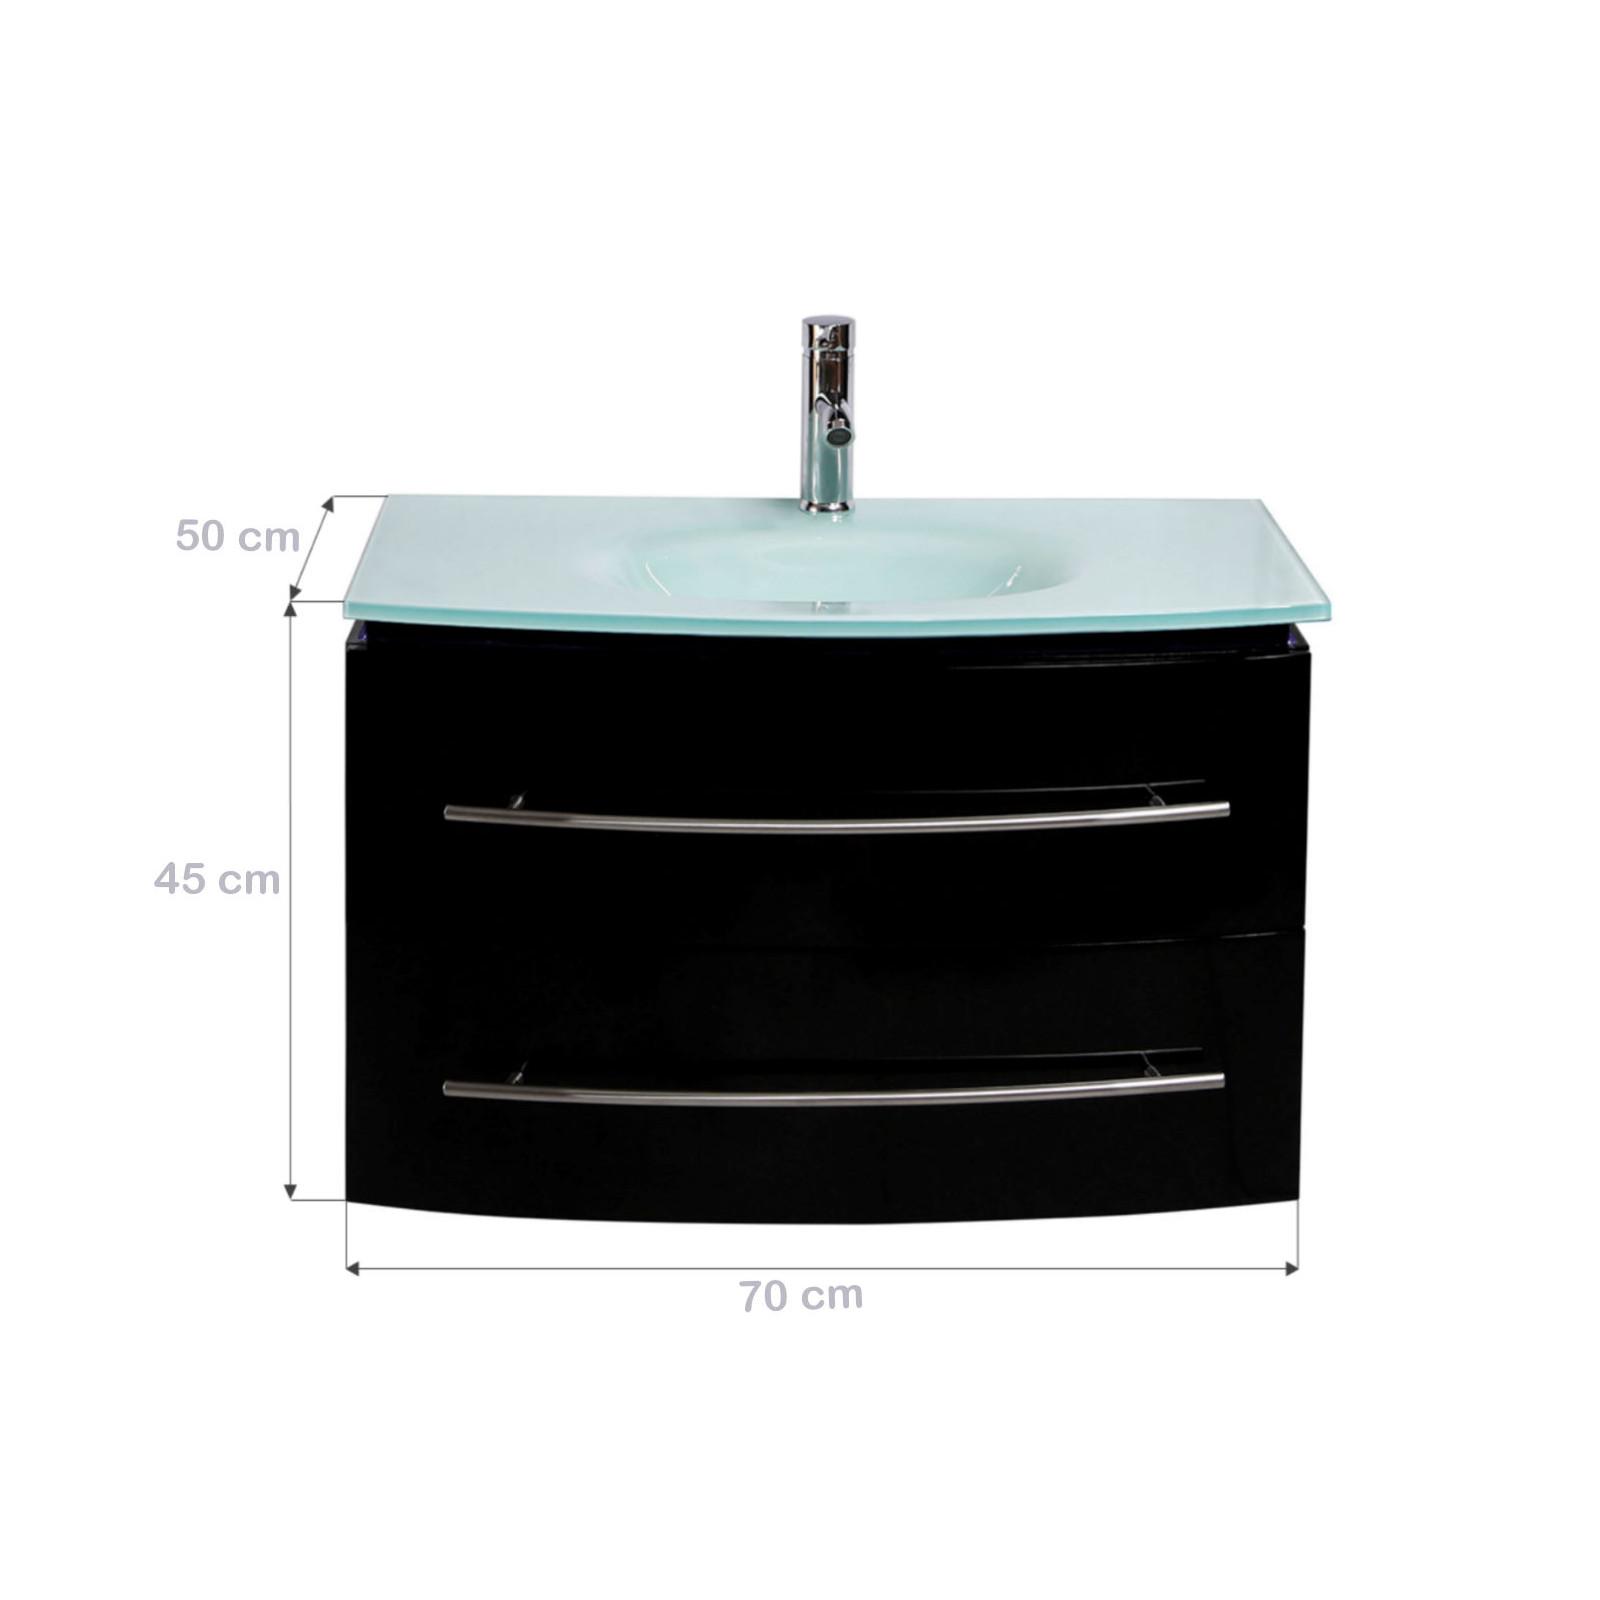 midori badm bel set waschbecken spiegel badezimmerm bel schwarz hochglanz 700mm ebay. Black Bedroom Furniture Sets. Home Design Ideas